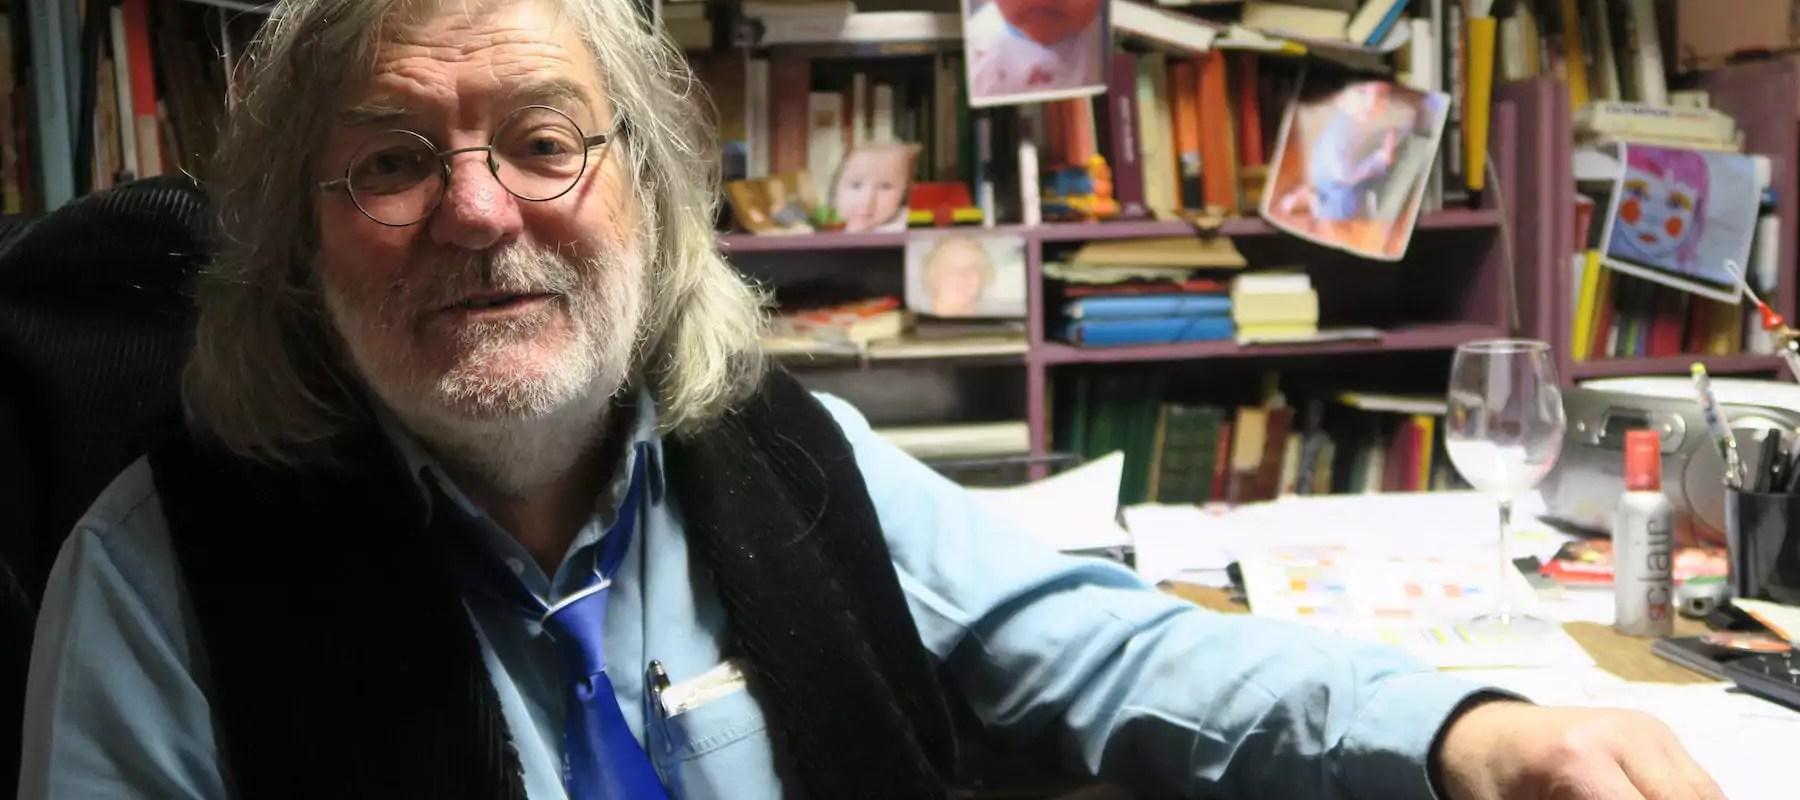 Roger Siffer : «pas de sketchs sur les djihadistes, parce qu'on a peur»